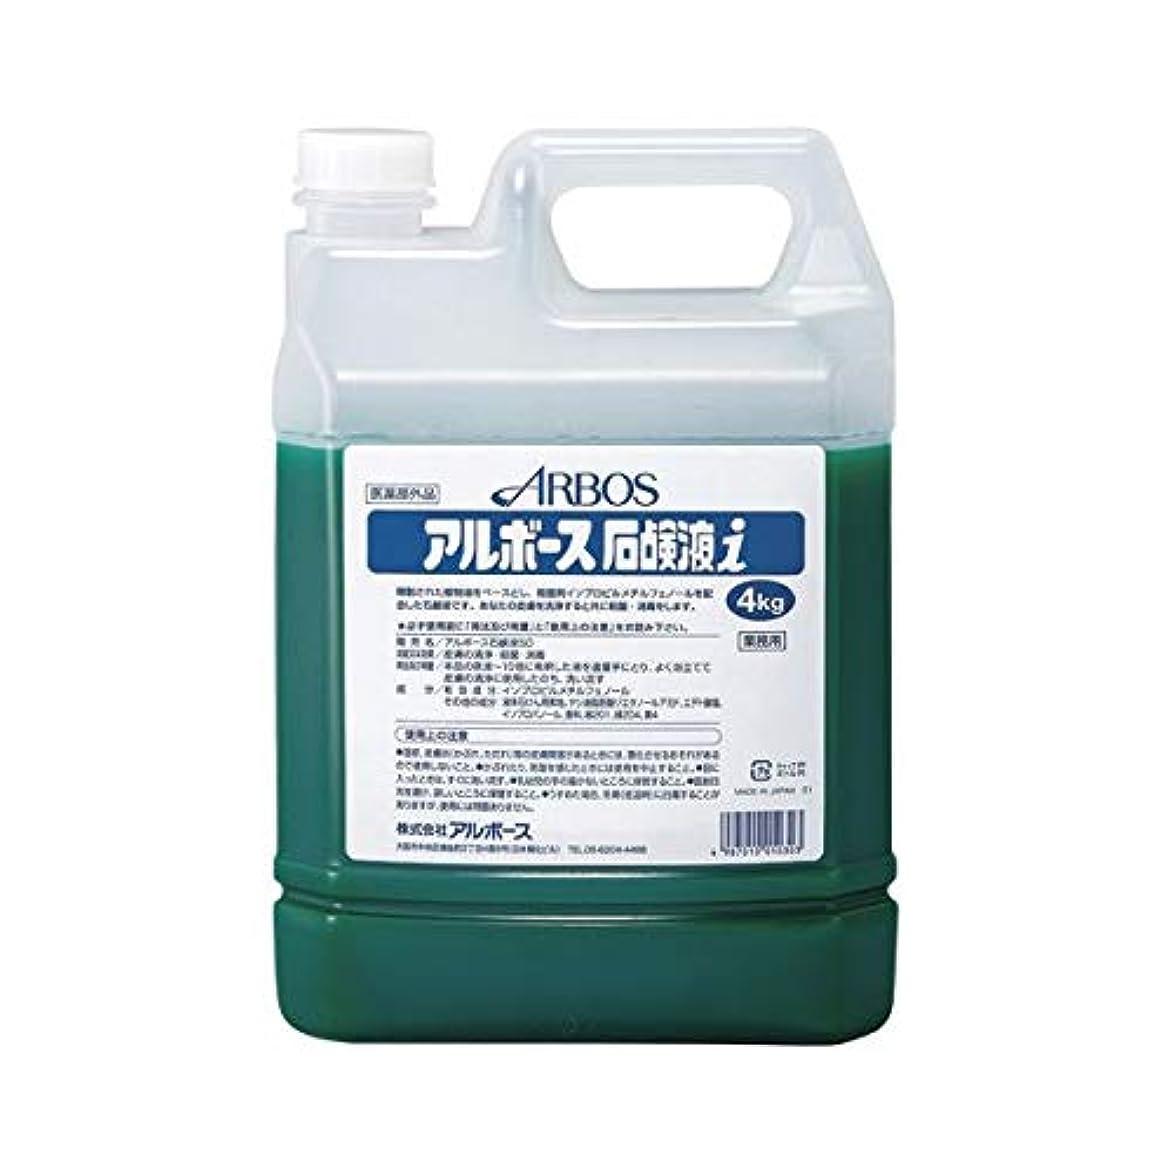 ポーズマンハッタン多年生テラモト アルボース石鹸液 i 4kg SW-986-229-0 ダイエット 健康 衛生用品 ハンドソープ 14067381 [並行輸入品]